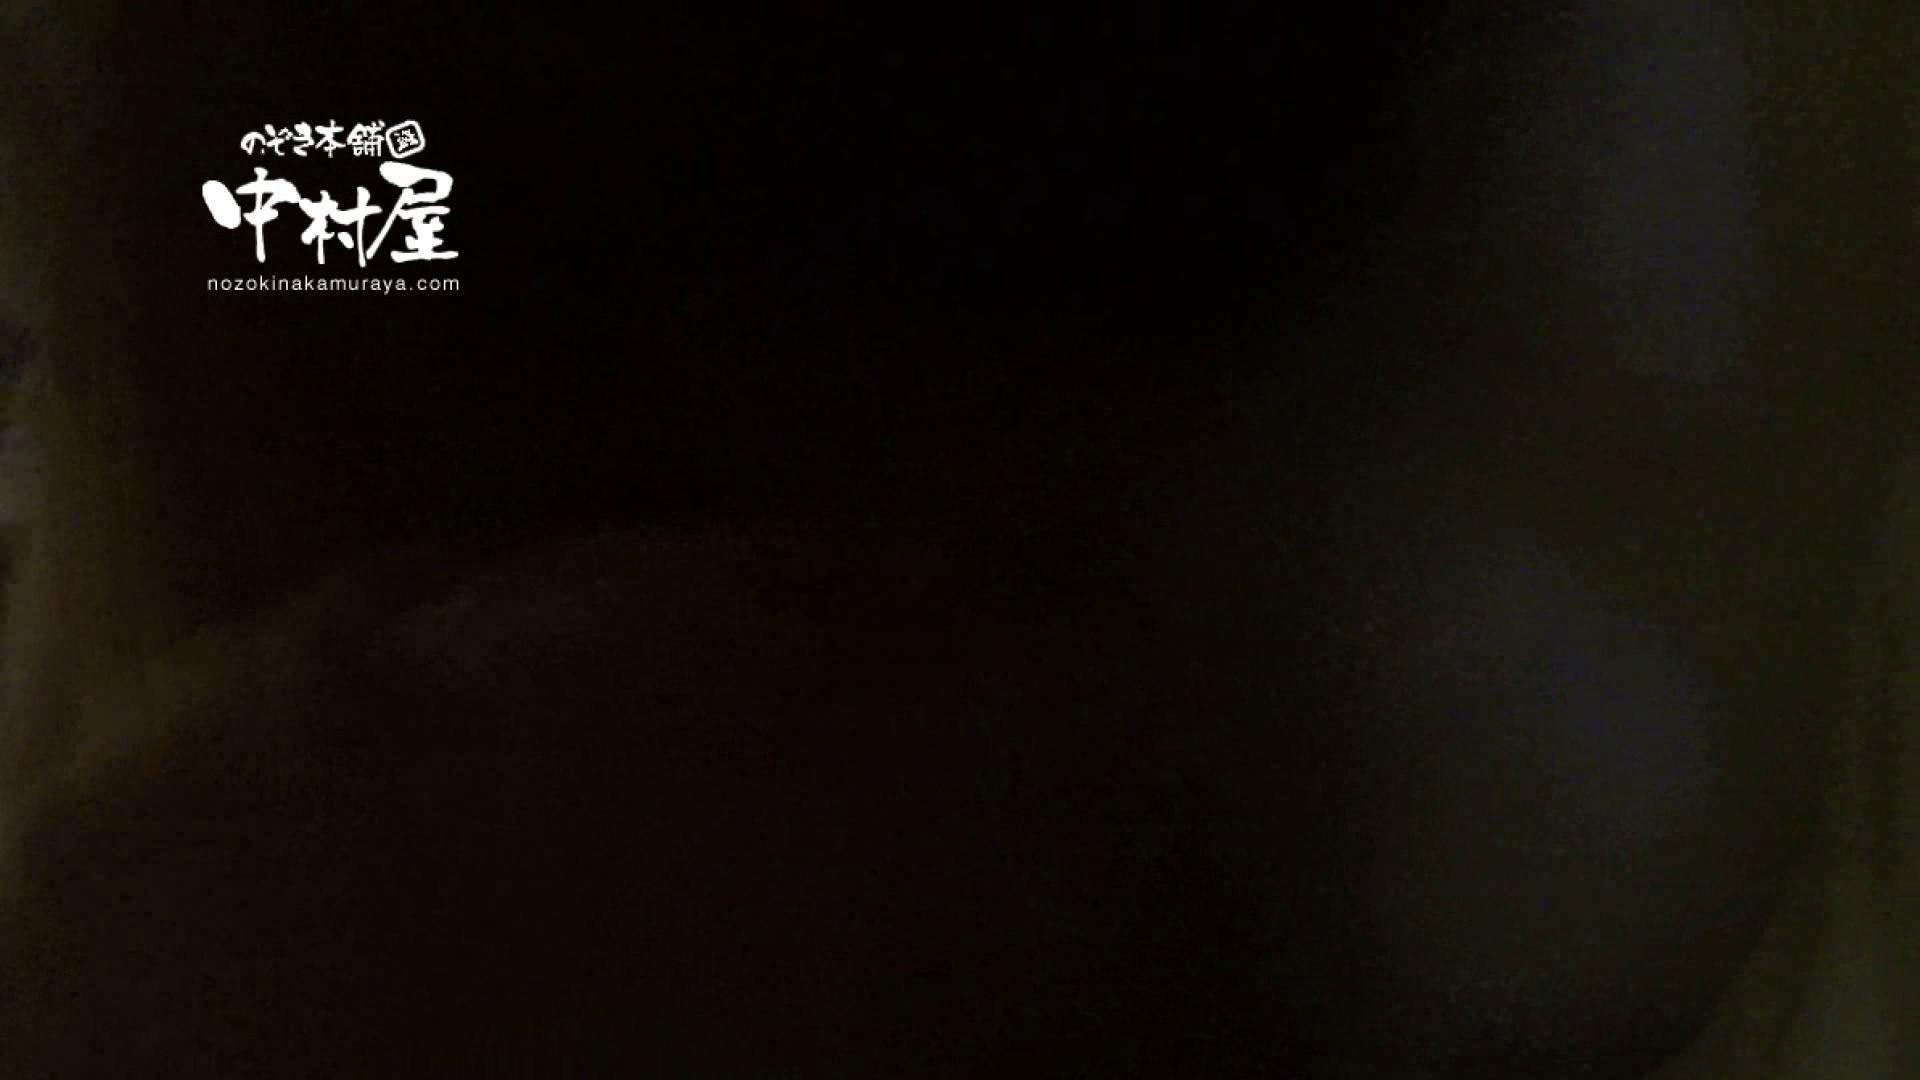 鬼畜 vol.08 極悪!妊娠覚悟の中出し! 後編 鬼畜  97pic 6